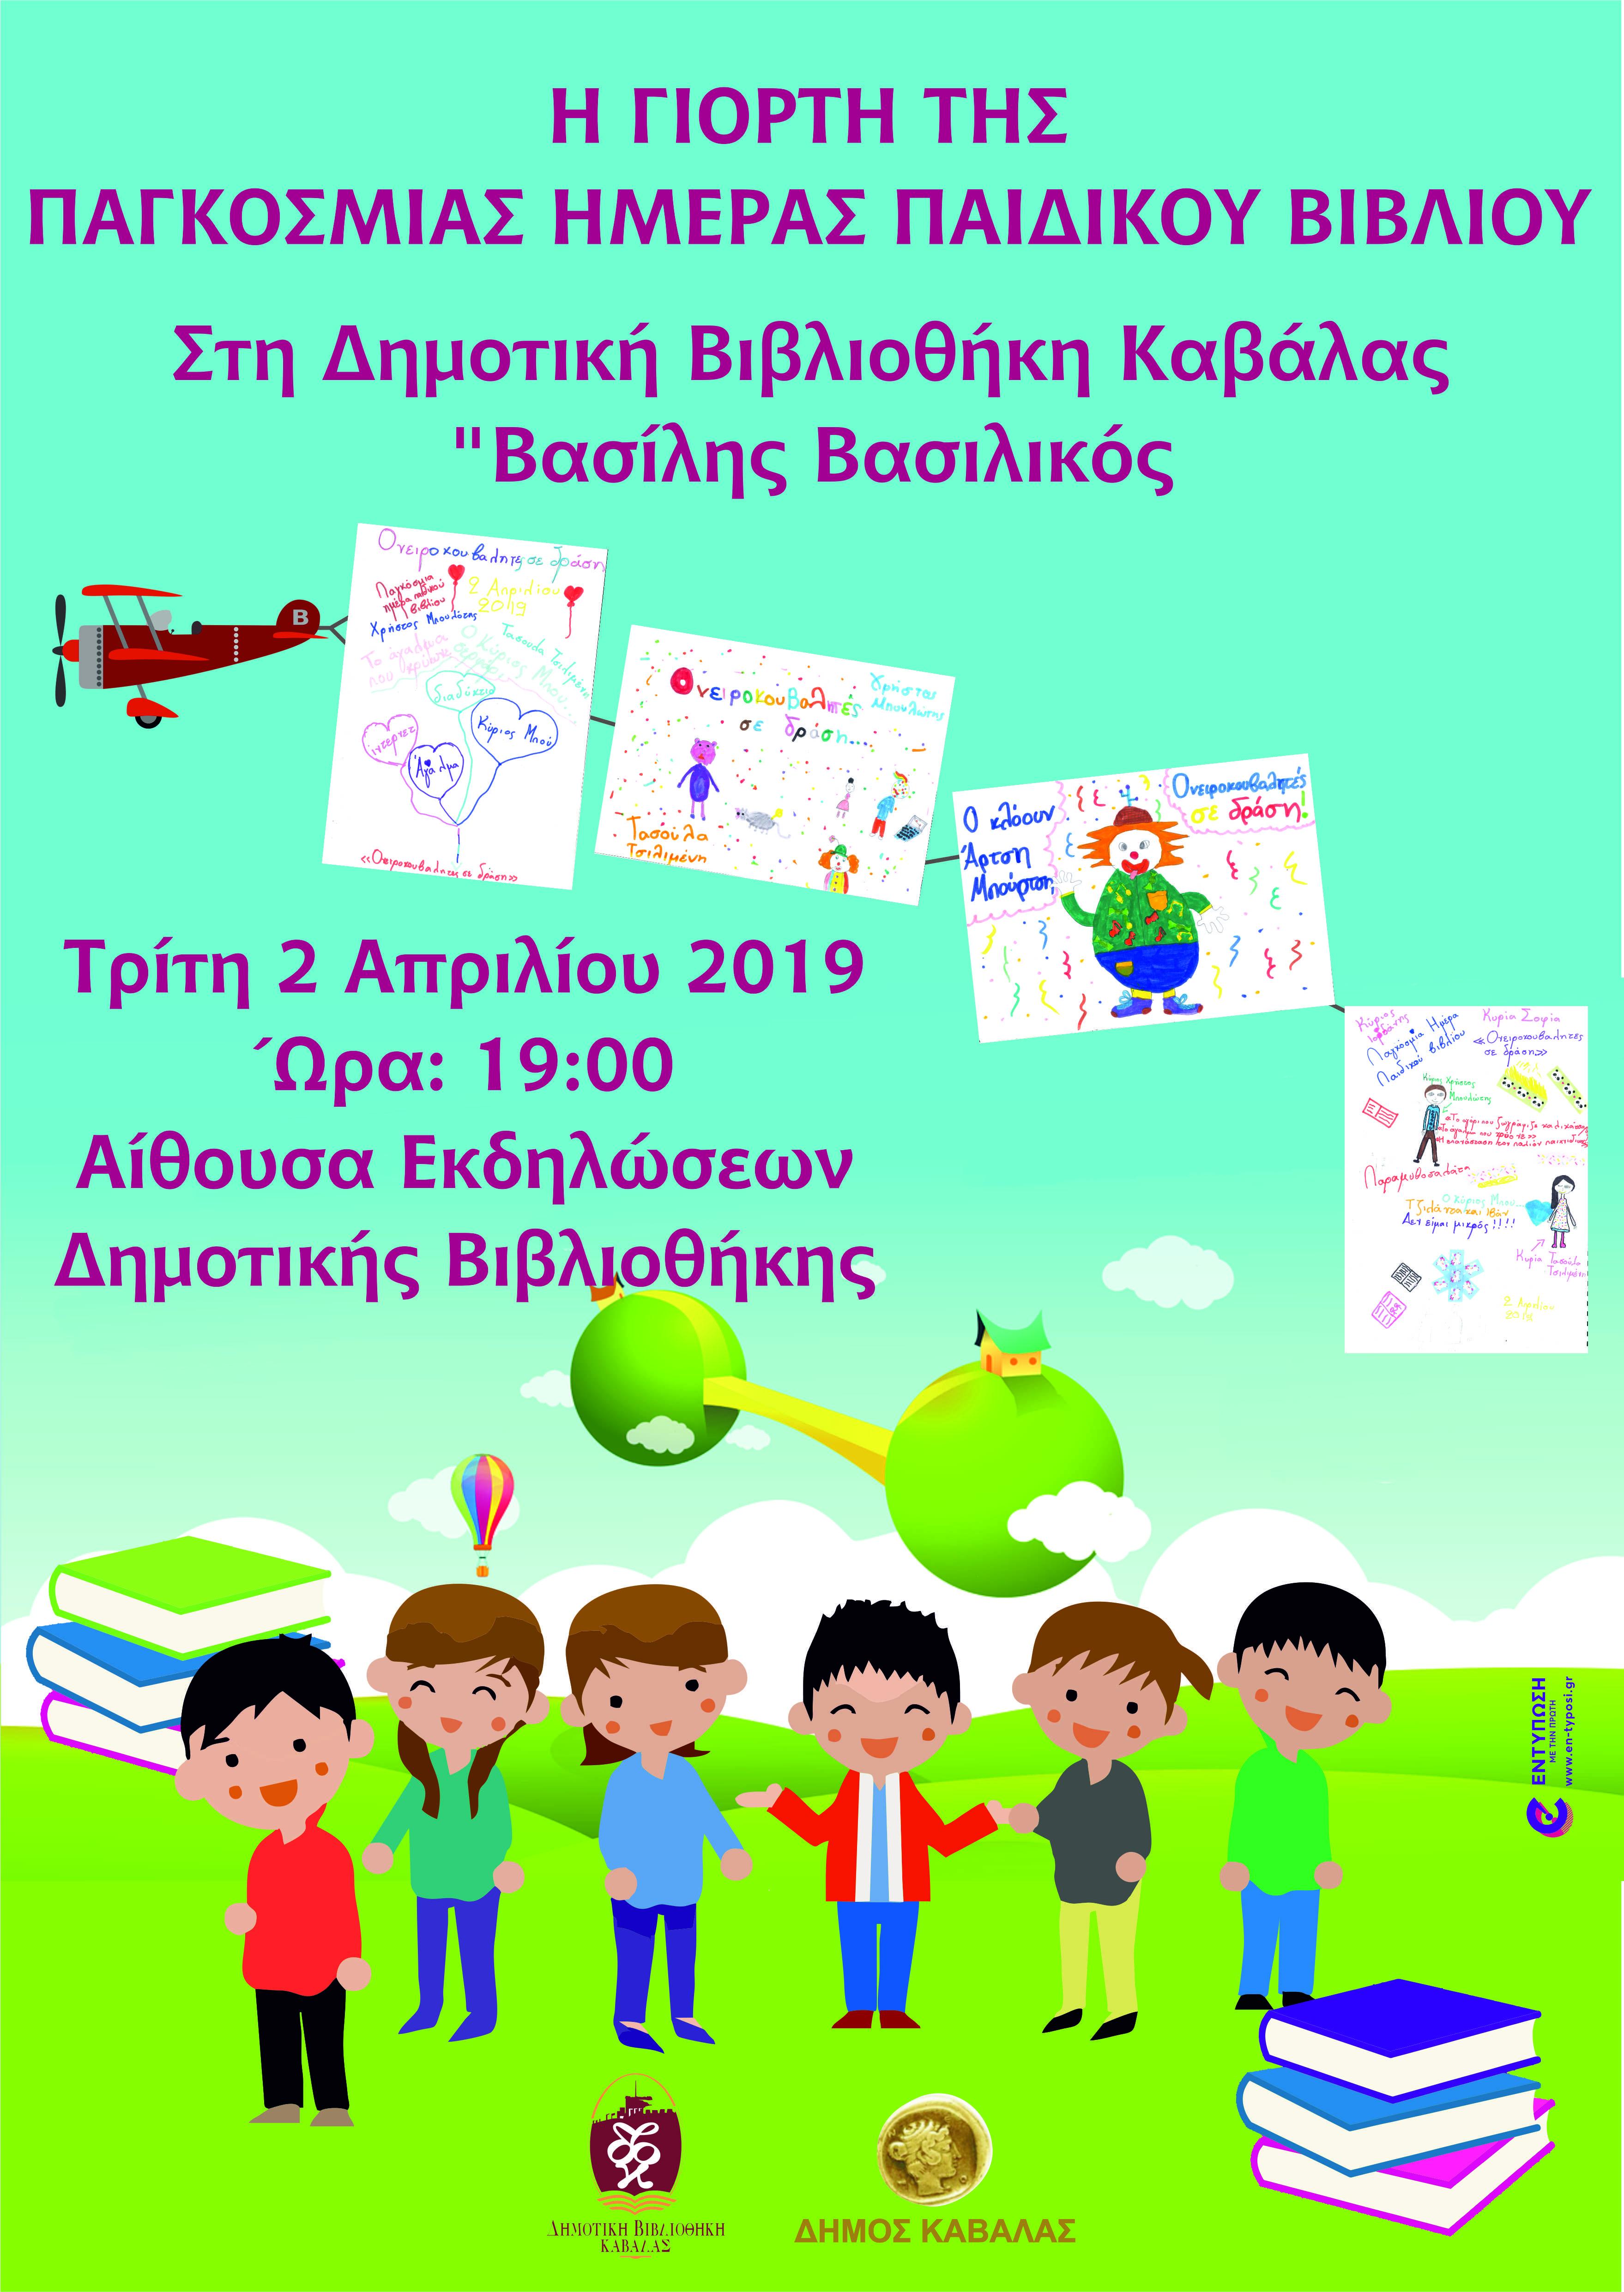 Εορτασμός Παγκόσμιας Ημέρας Παιδικού Βιβλίου